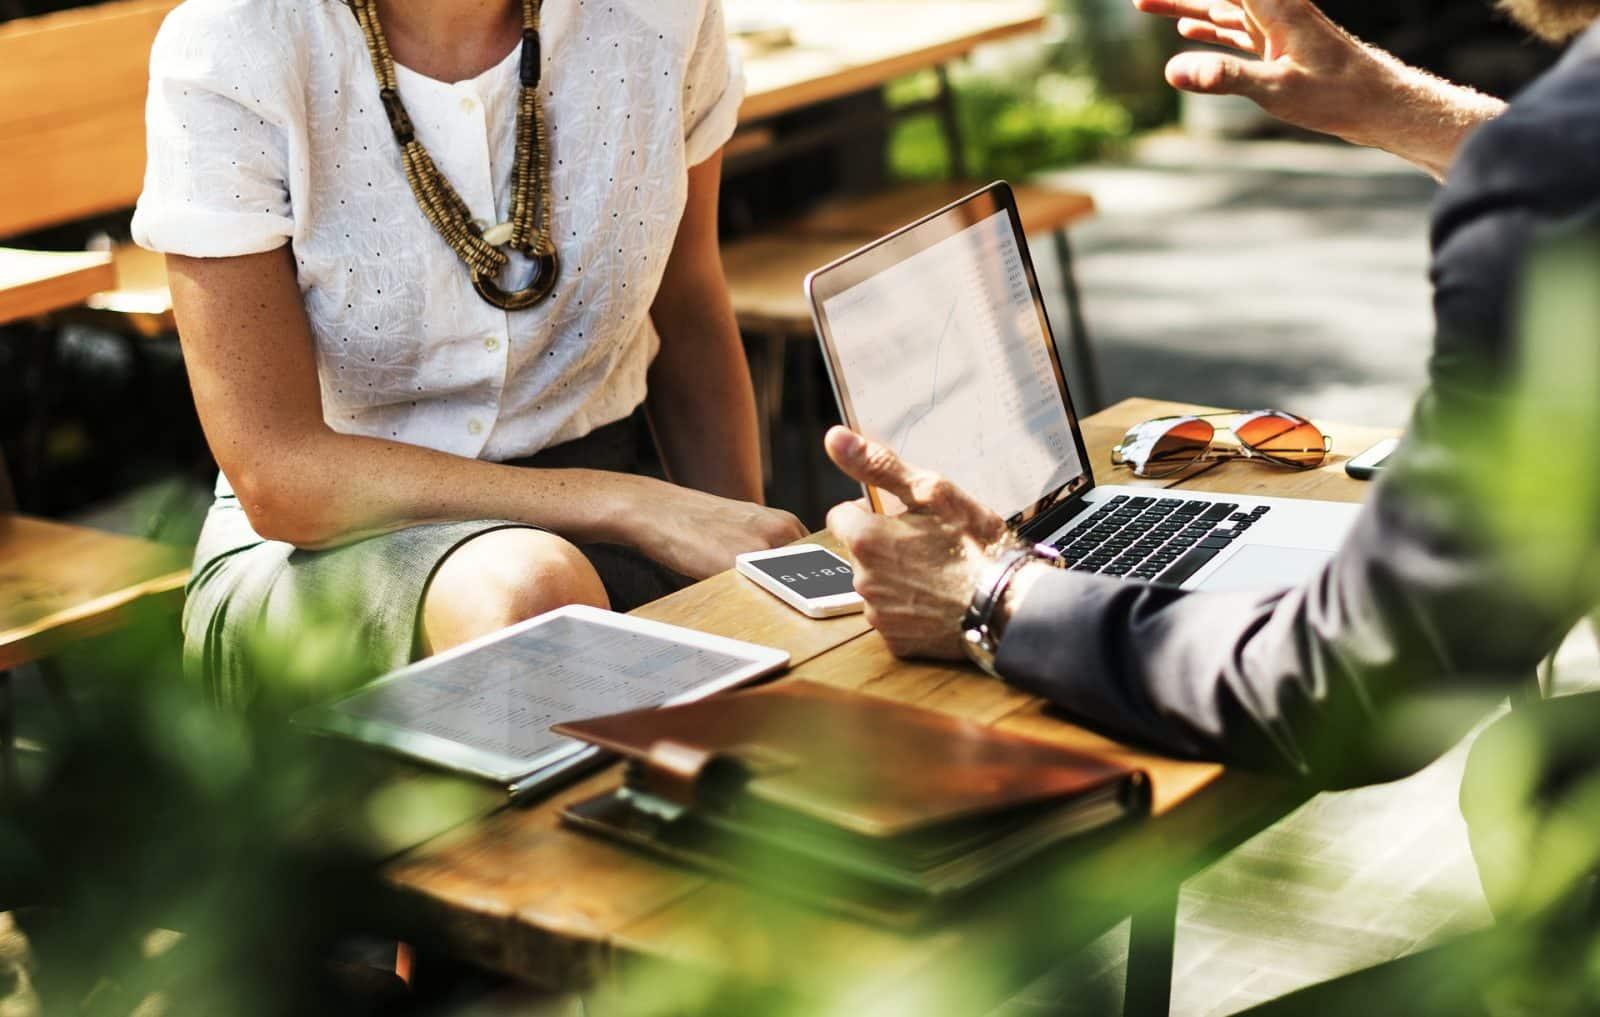 La TVA à payer sur les acquisitions : un sujet à haut risque dans une entreprise